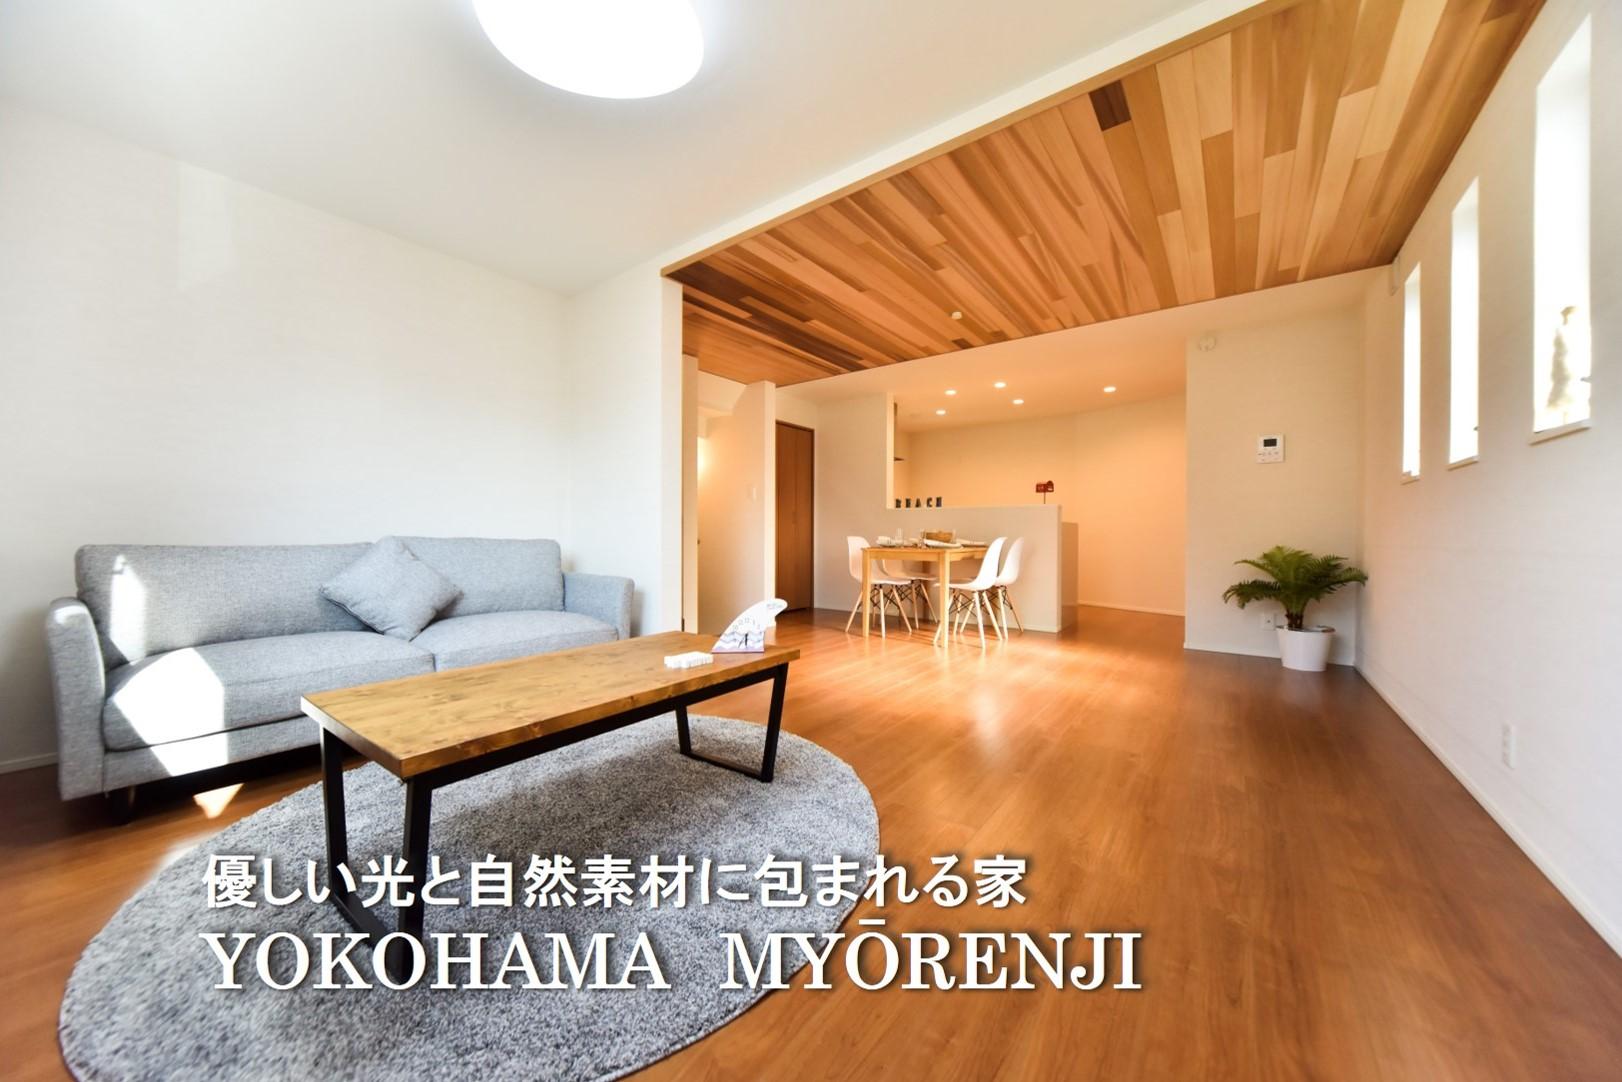 優しい光と自然素材に包まれる家 妙蓮寺|YOKOHAMA MYORENJI